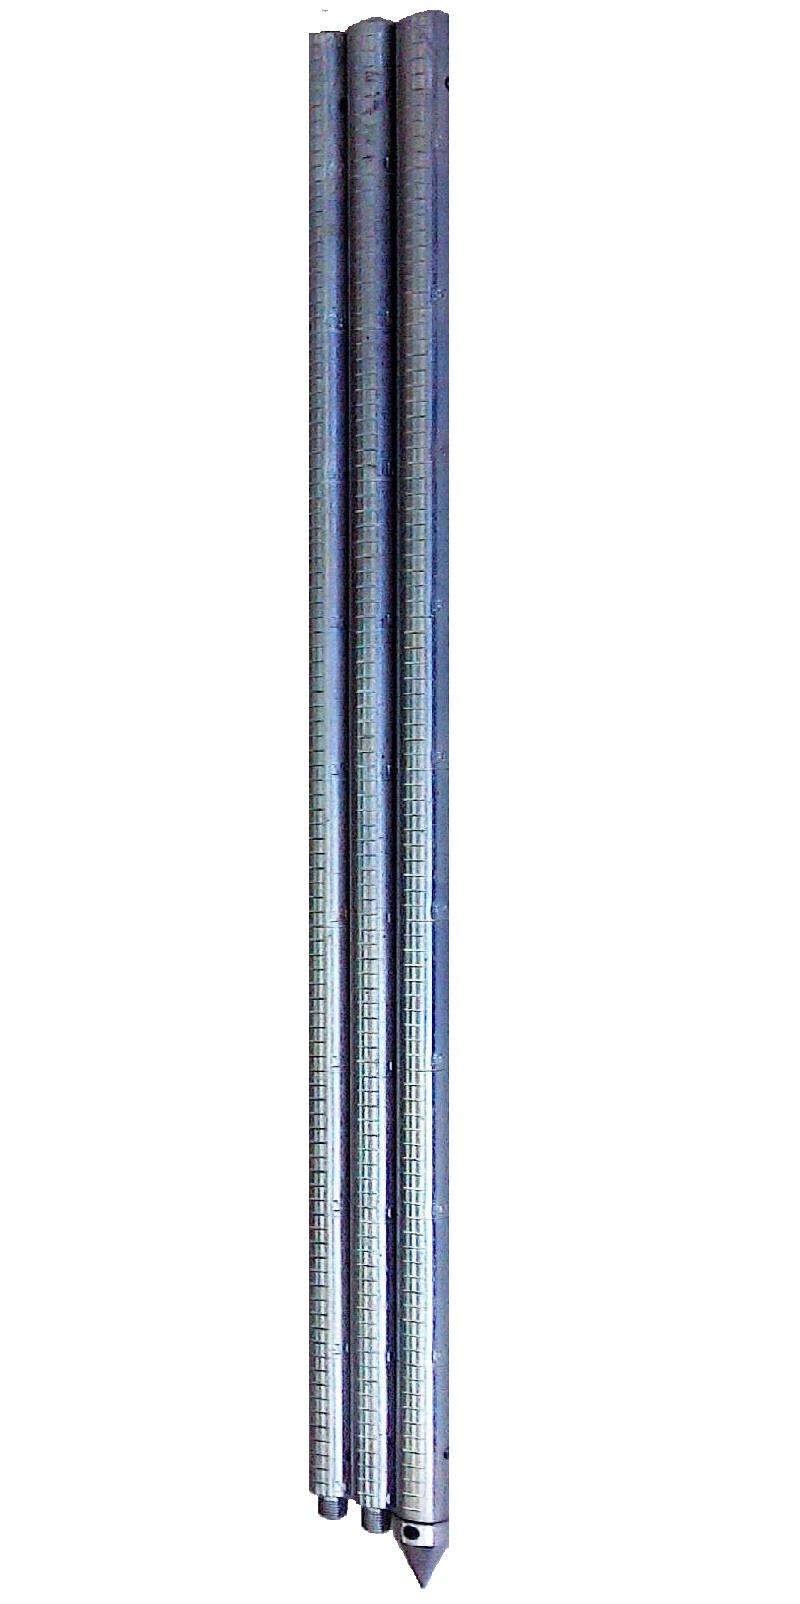 Рейка гидрометрическая ГР-56-01 (оцинкованная или нержавеющая сталь — 3 секции по 1метру)